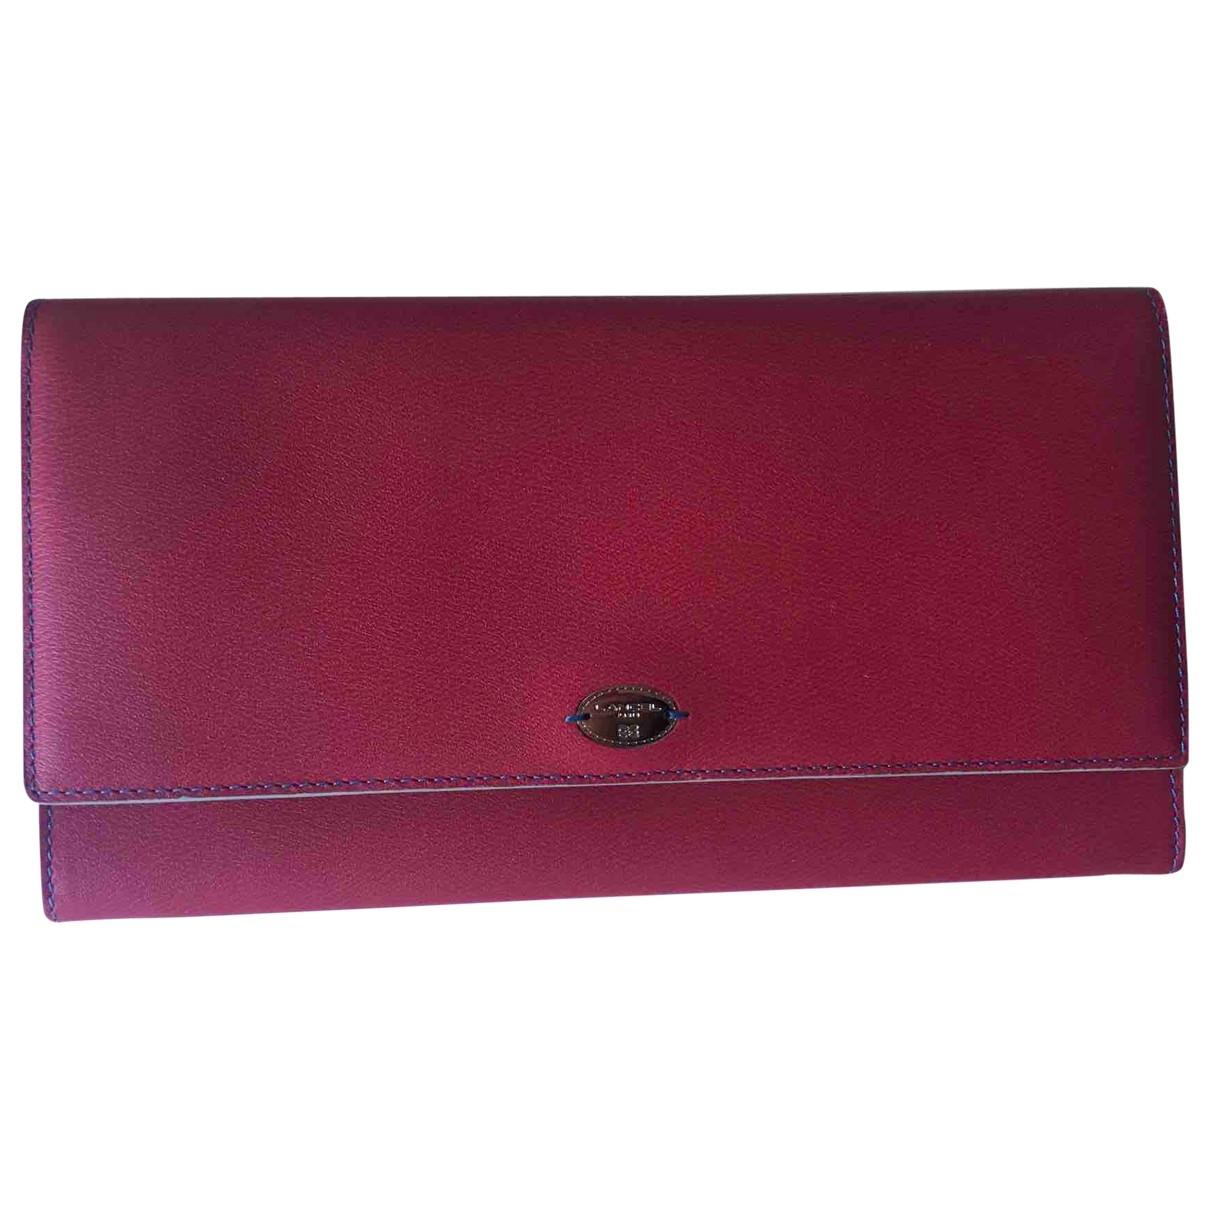 Lancel - Portefeuille   pour femme en cuir - rose